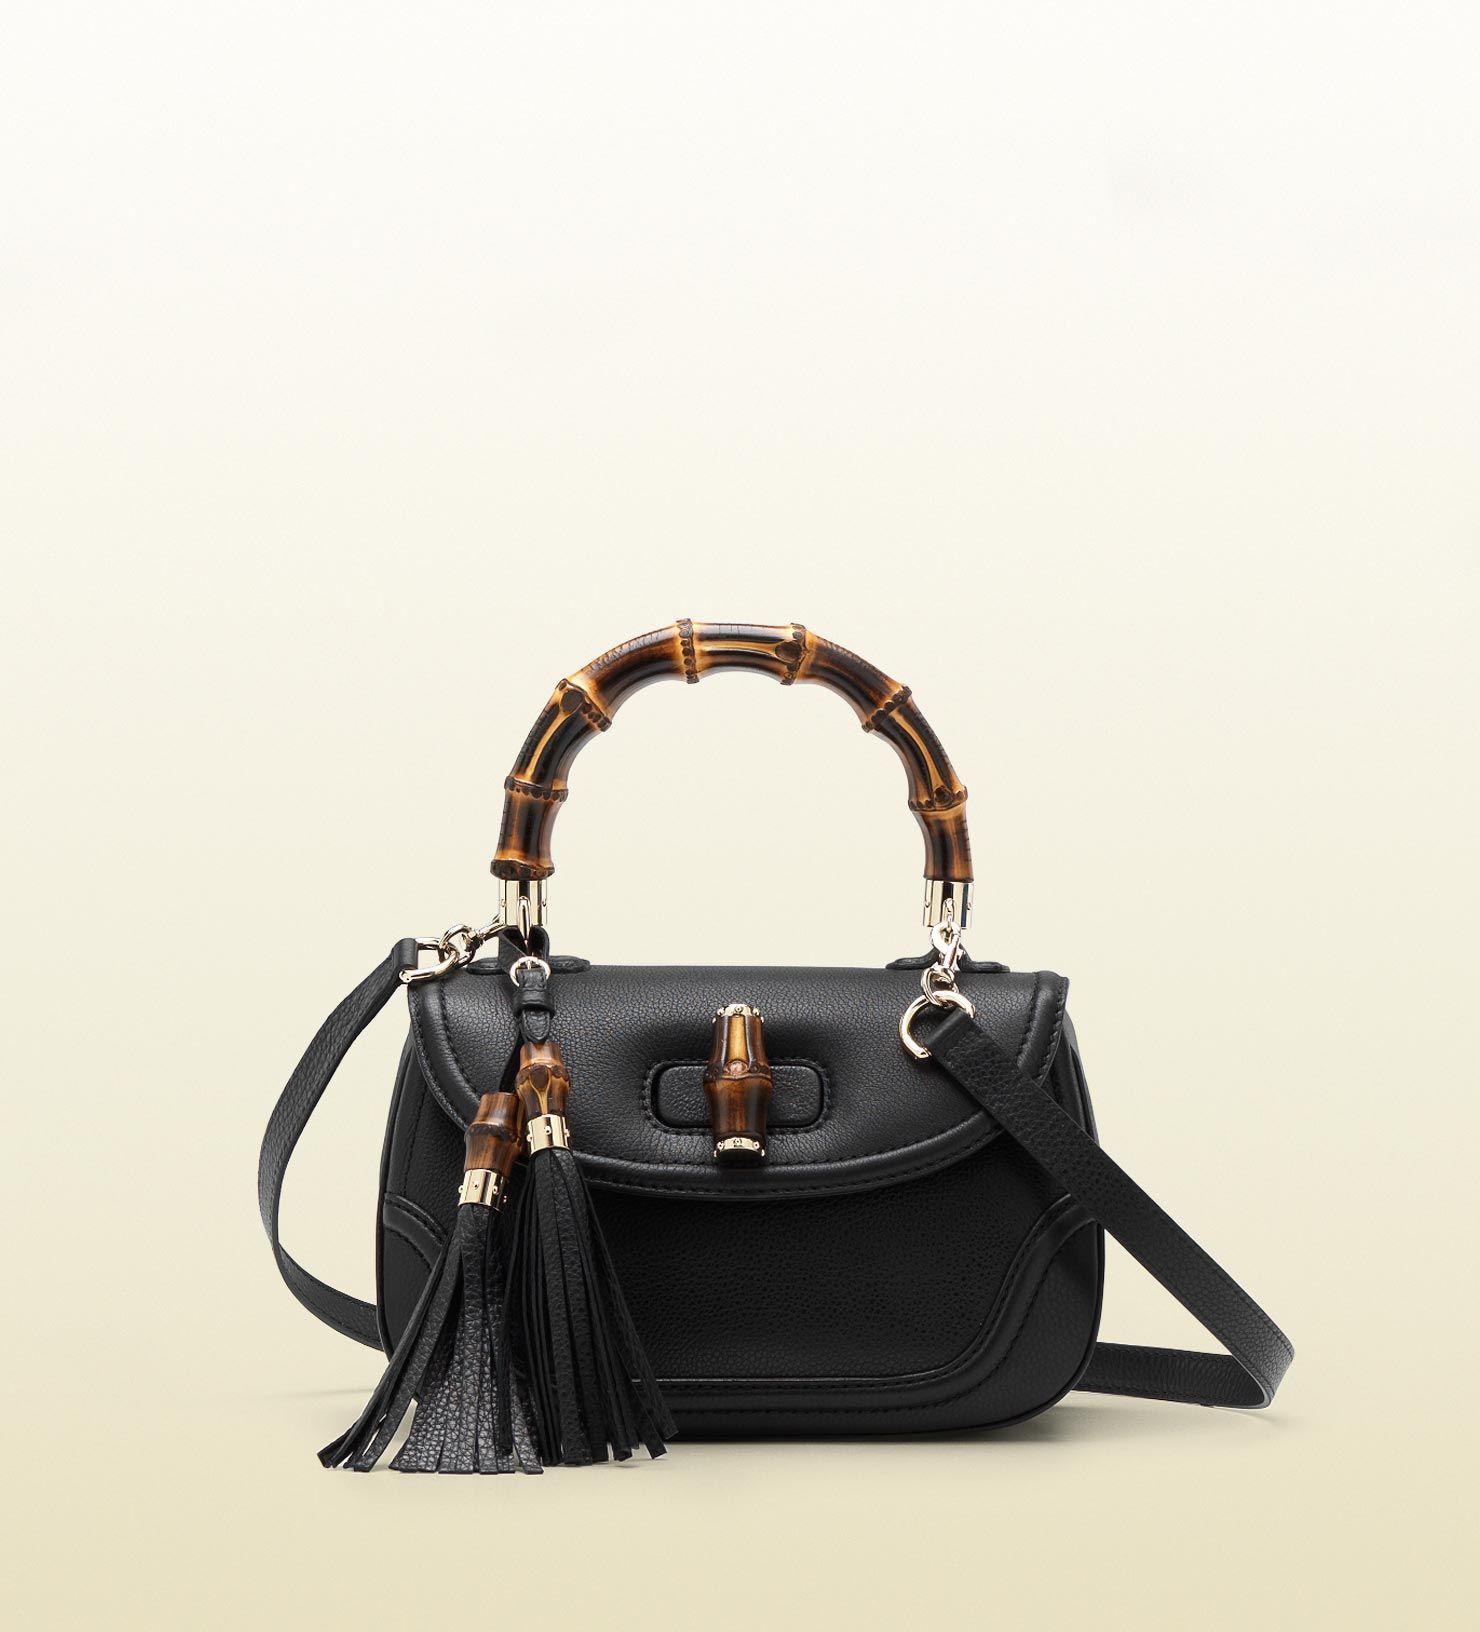 da13e4fed95 Gucci bamboo leather top handle bag